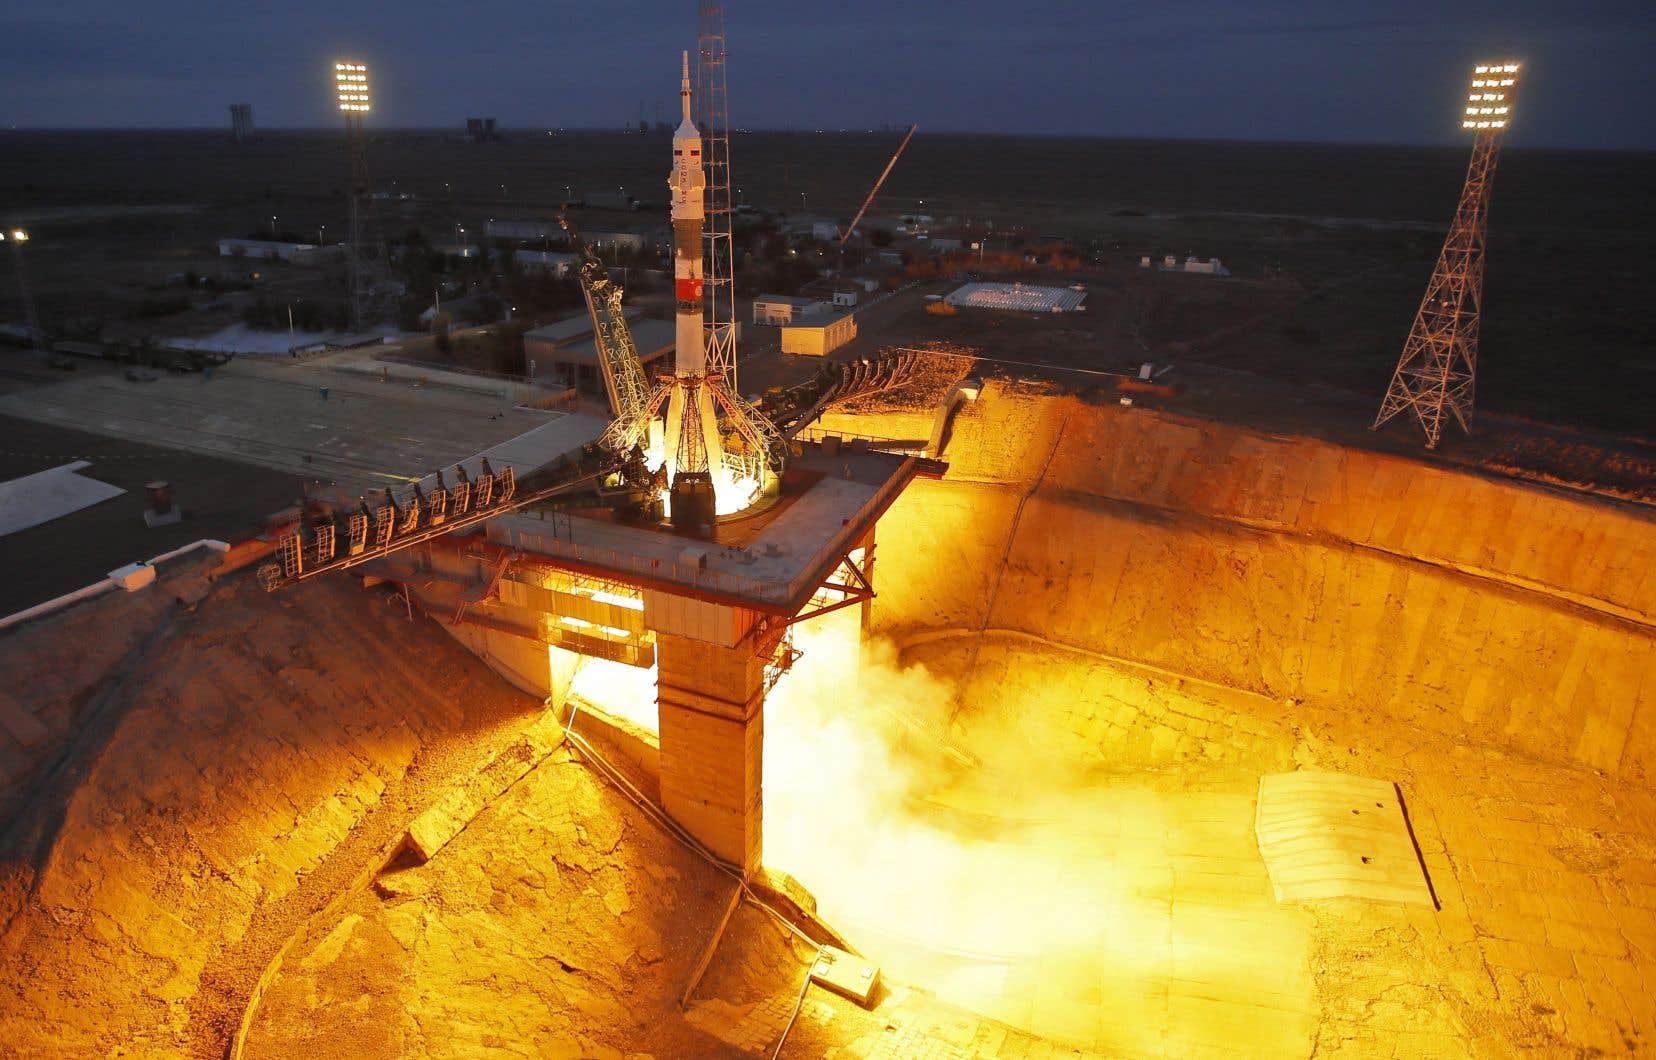 Roscosmos et Space Adventures avaient déjà collaboré entre 2001 et 2009 pour envoyer de richissimes entrepreneurs dans l'espace à huit reprises.